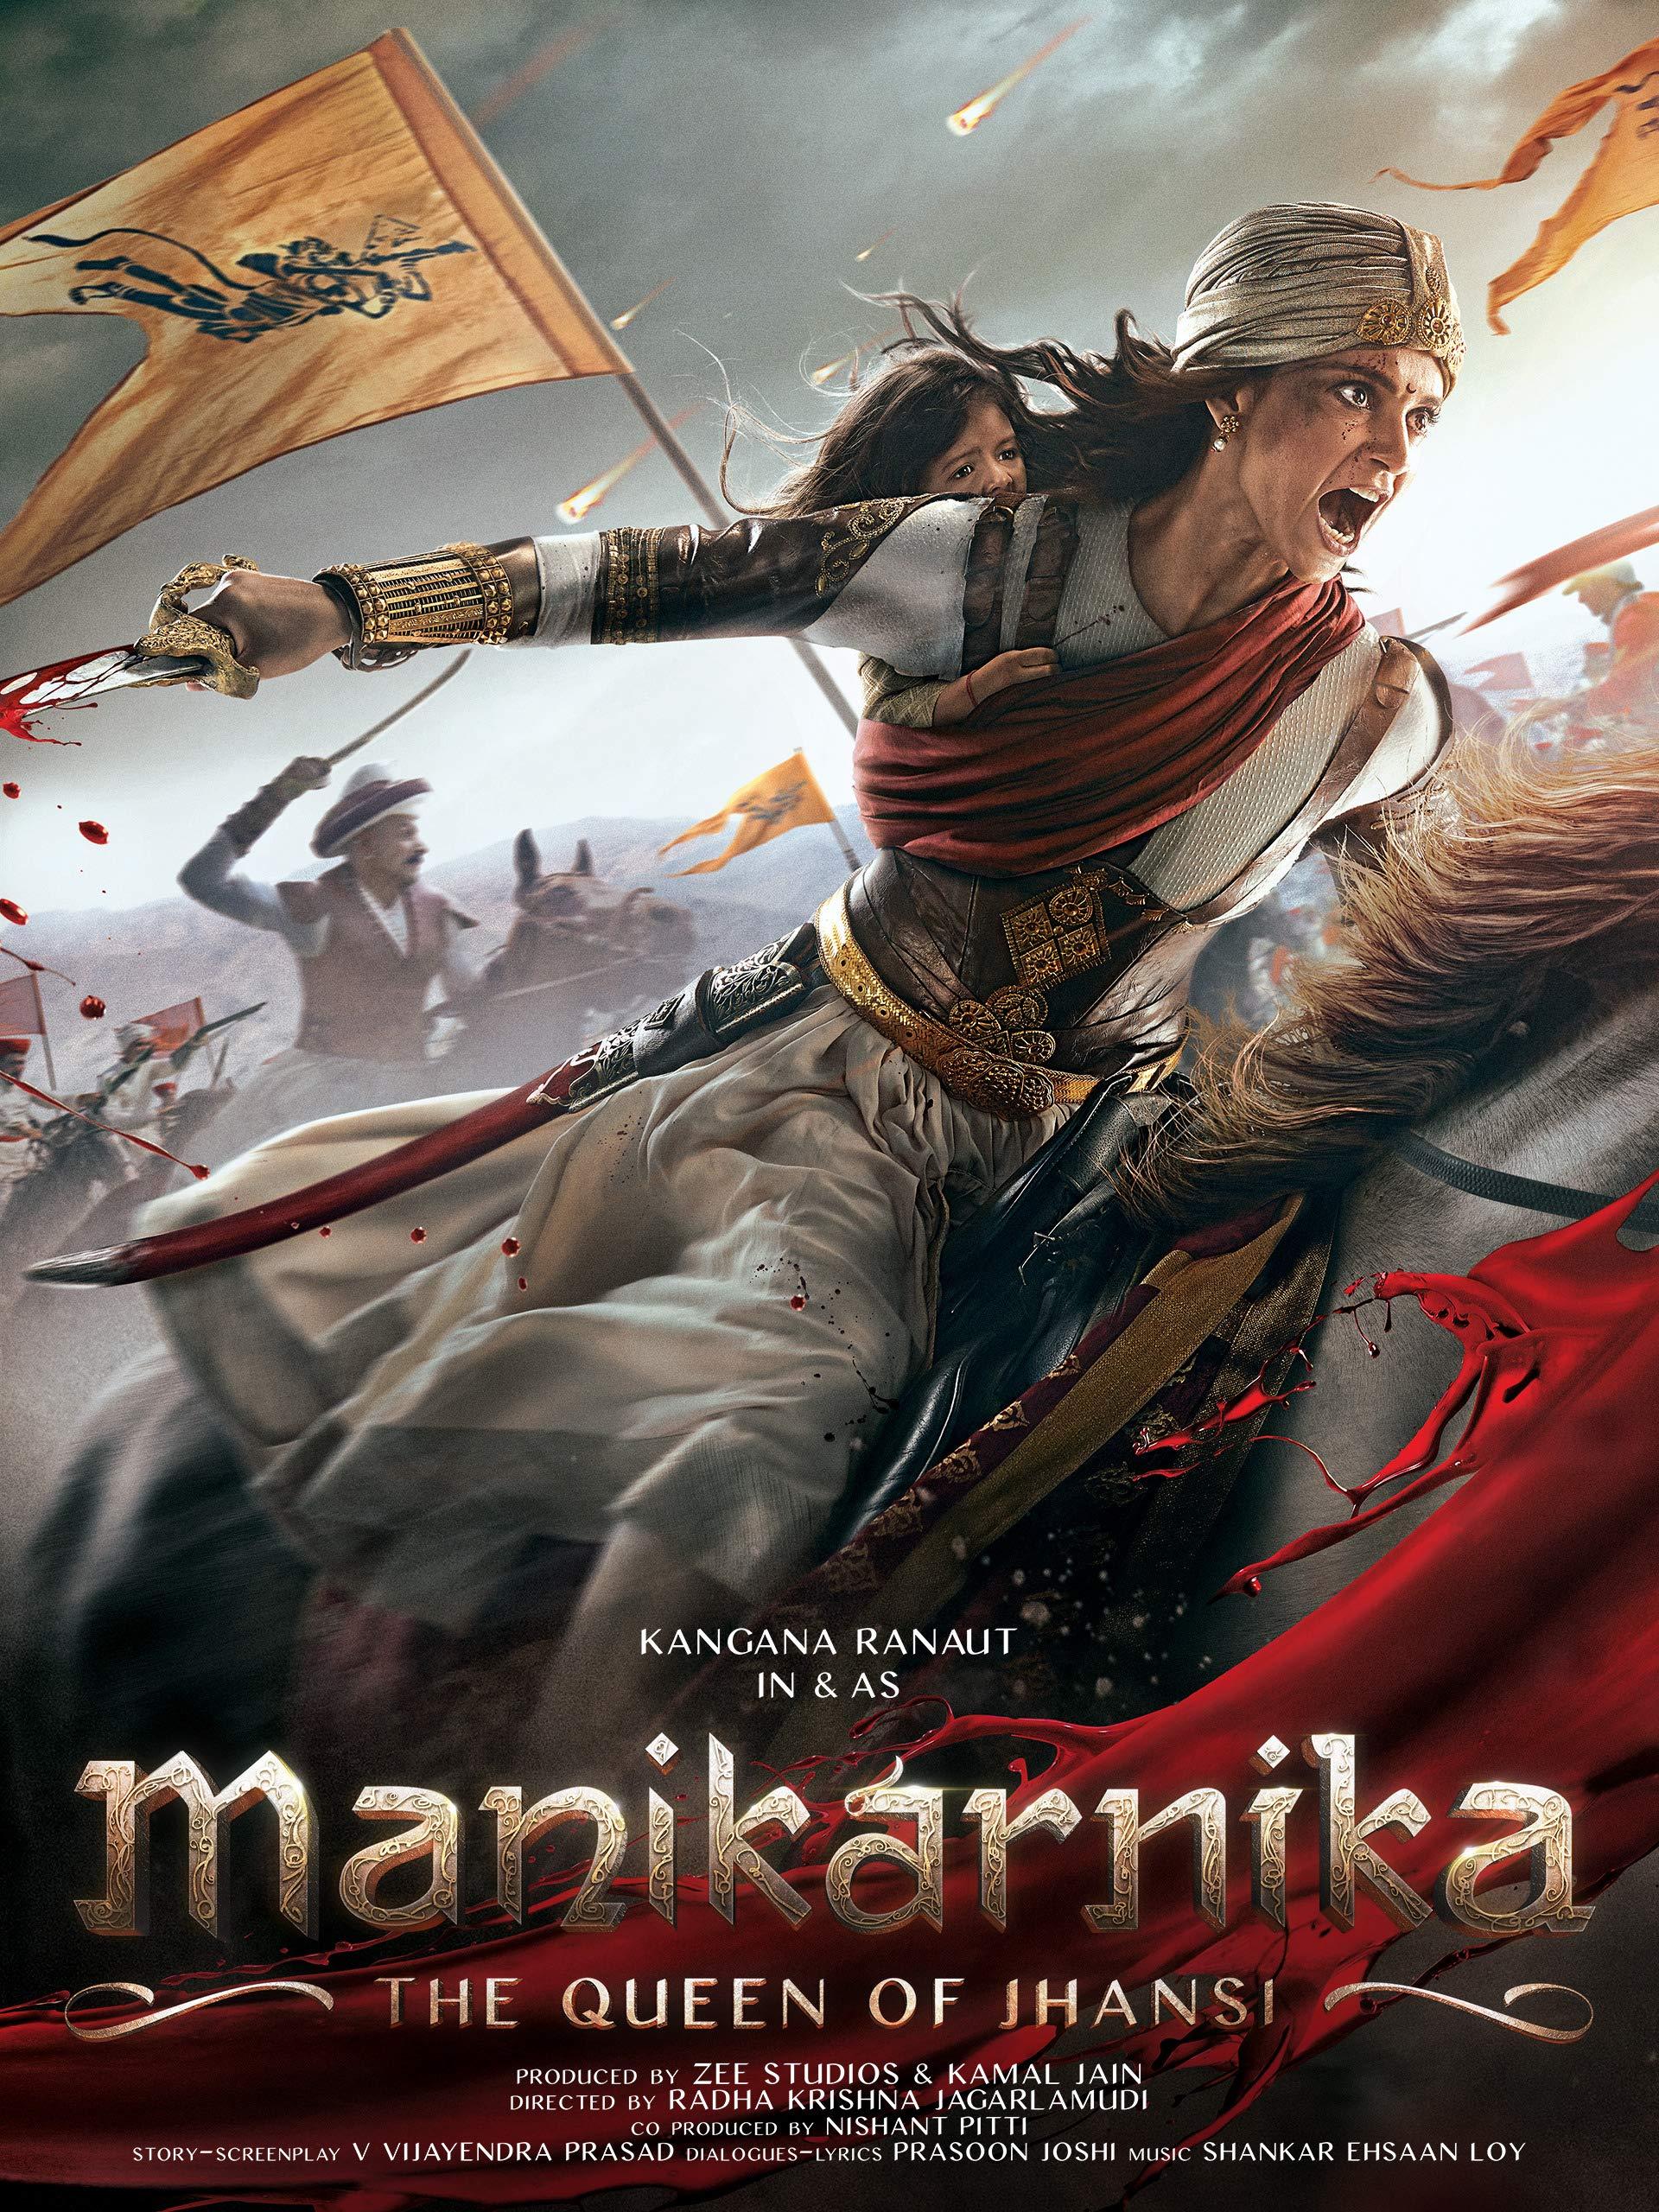 life of pi hindi movie free download hd